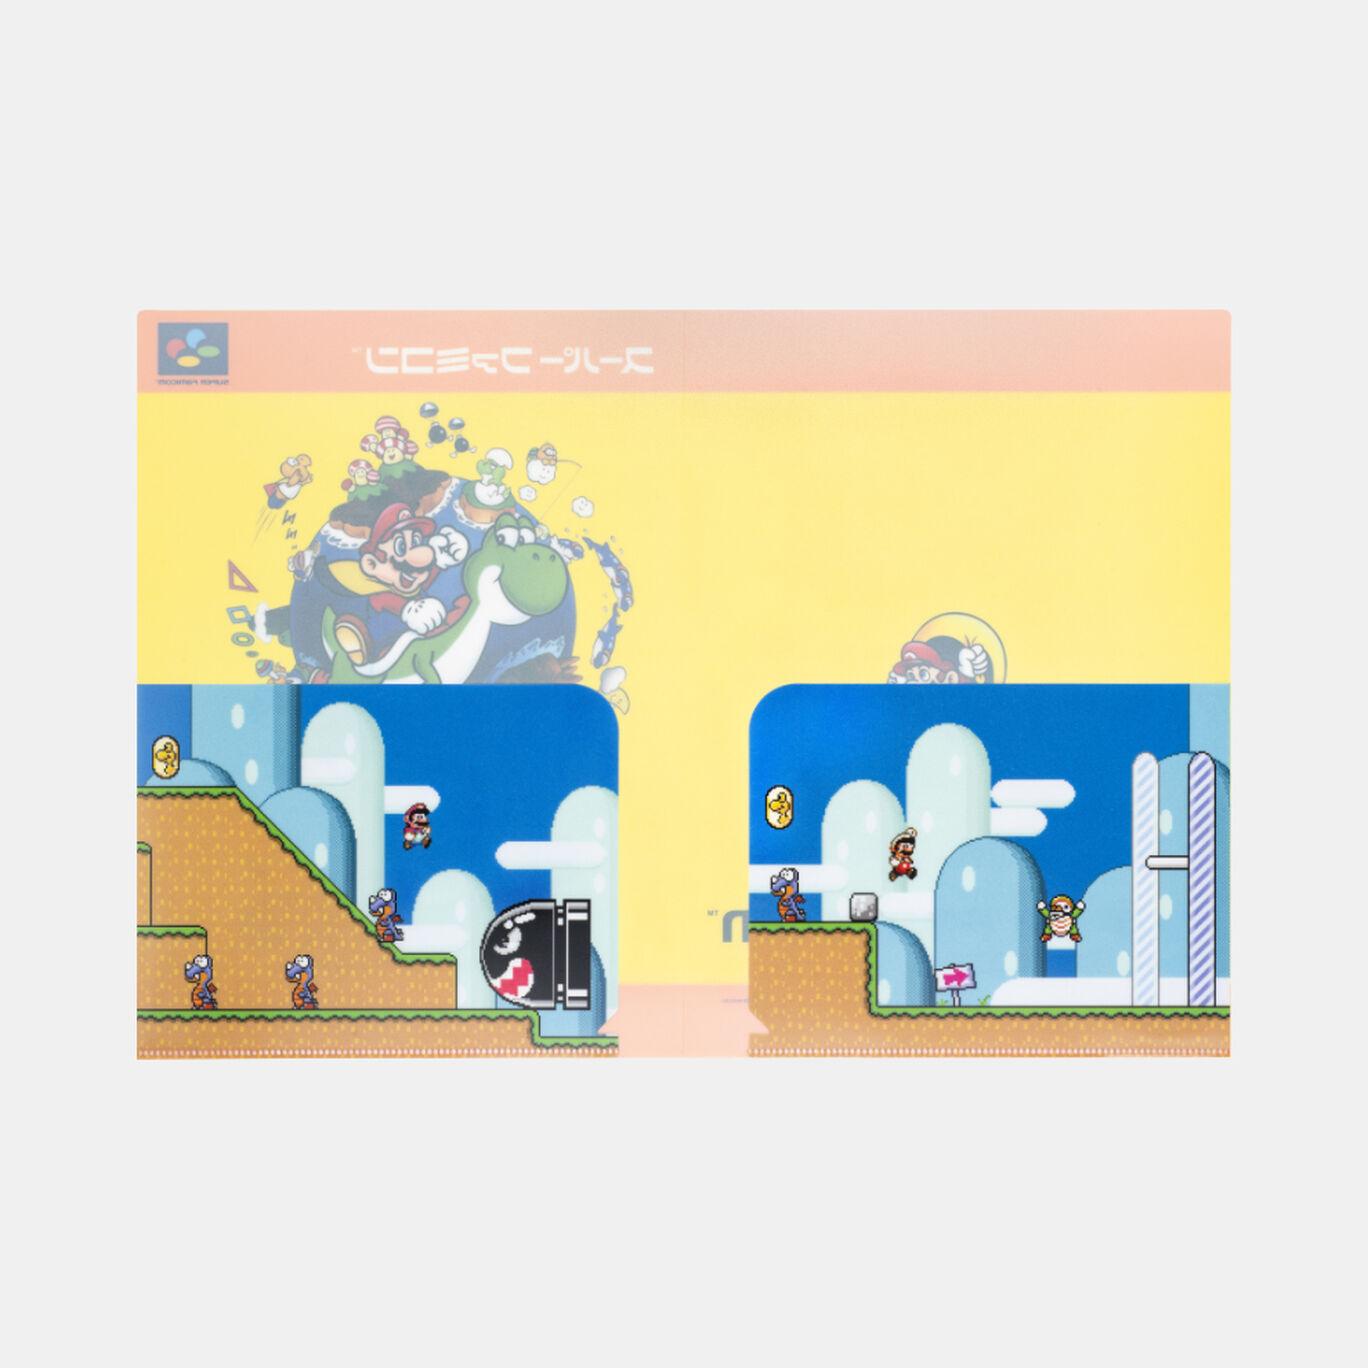 クリアファイル ダブルポケット スーパーマリオワールド【Nintendo TOKYO取り扱い商品】